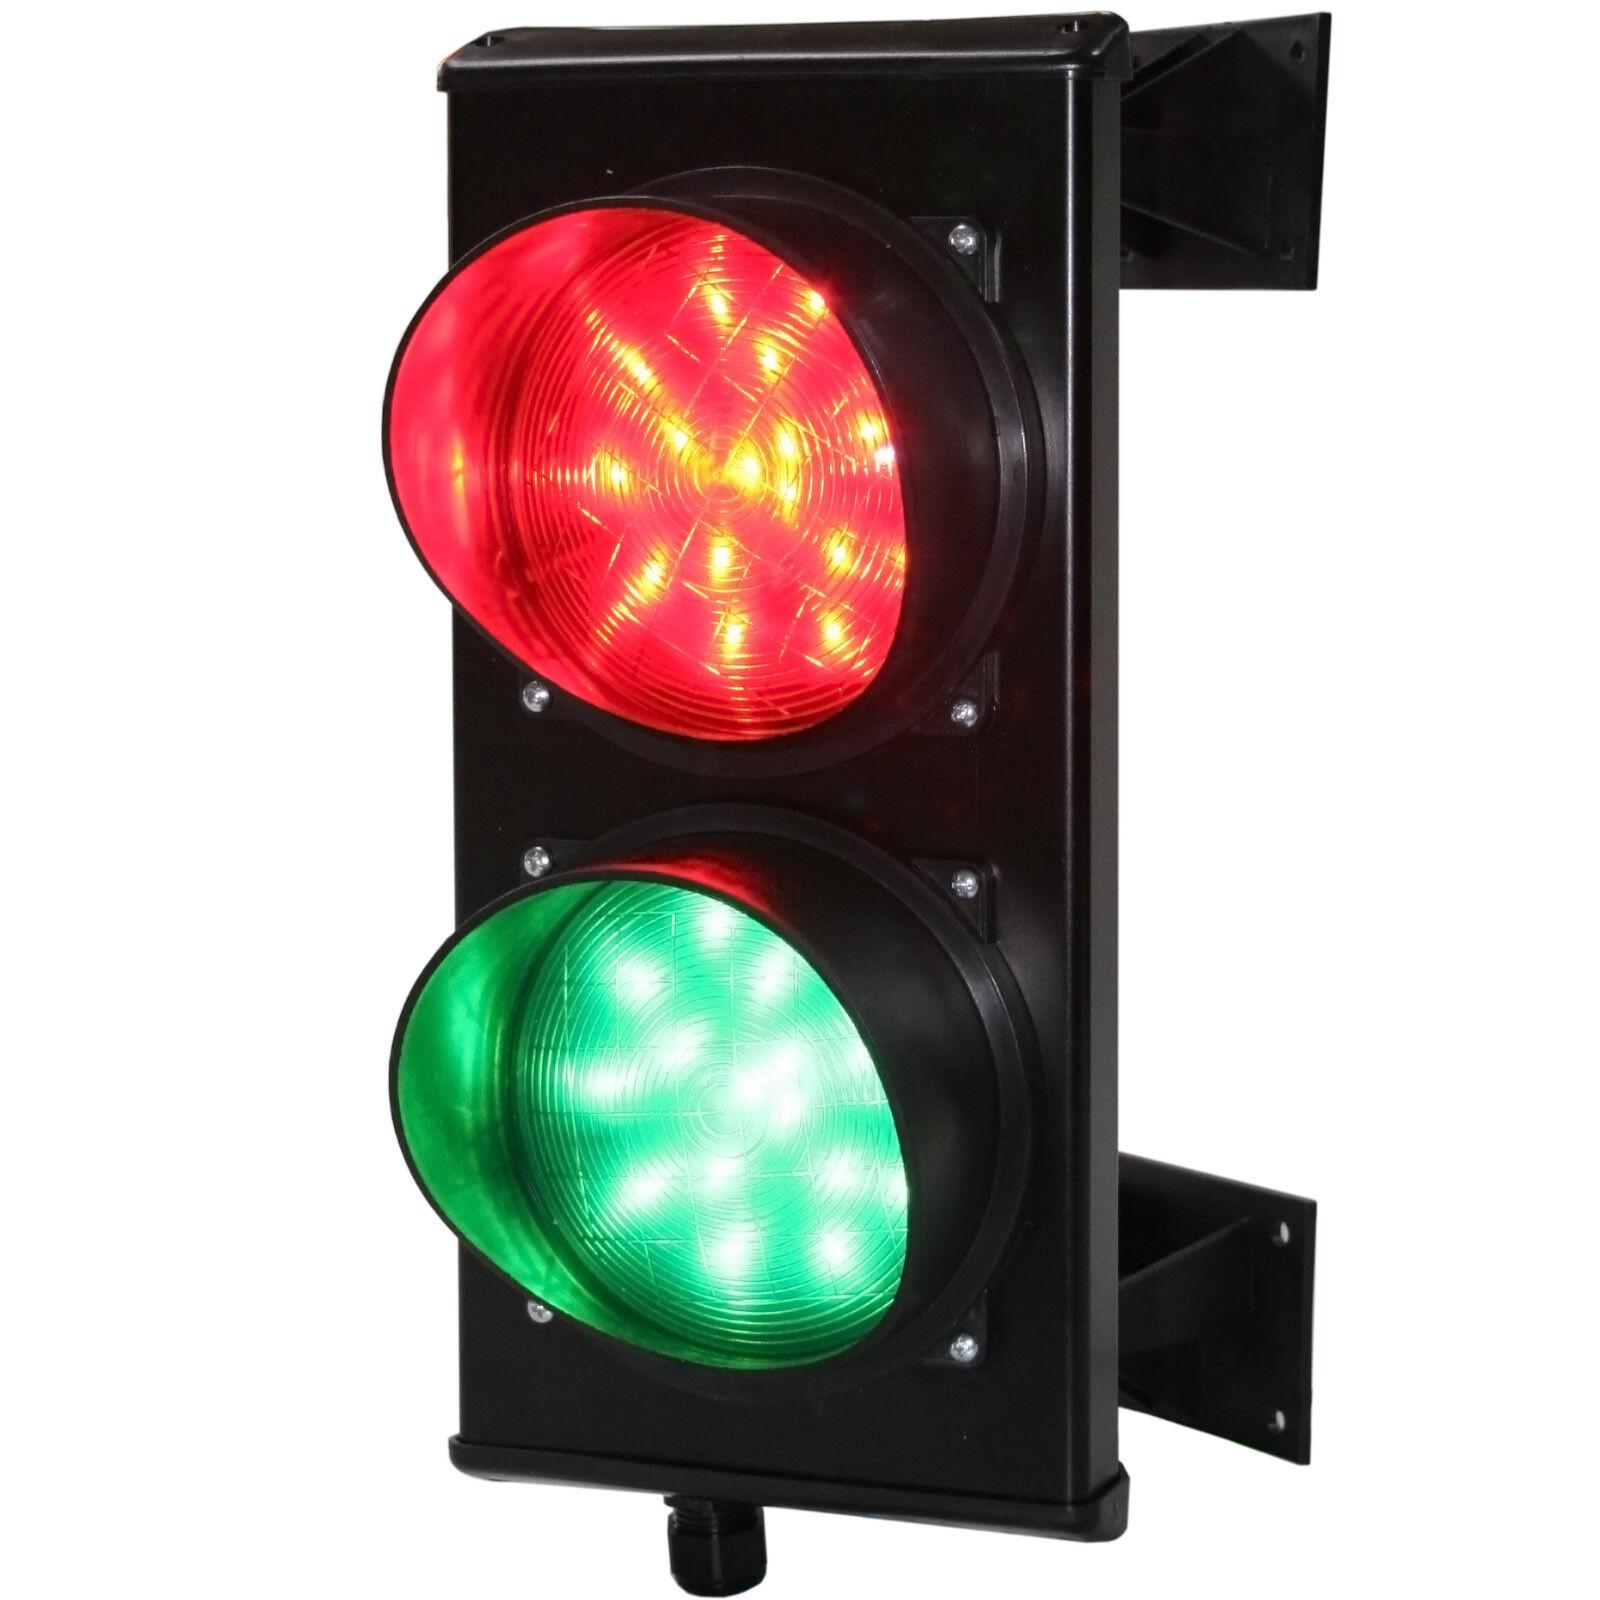 Verkehrsampel rot-grün LED 24 oder 230 V im Alugehäuse Signalampel, Ampel